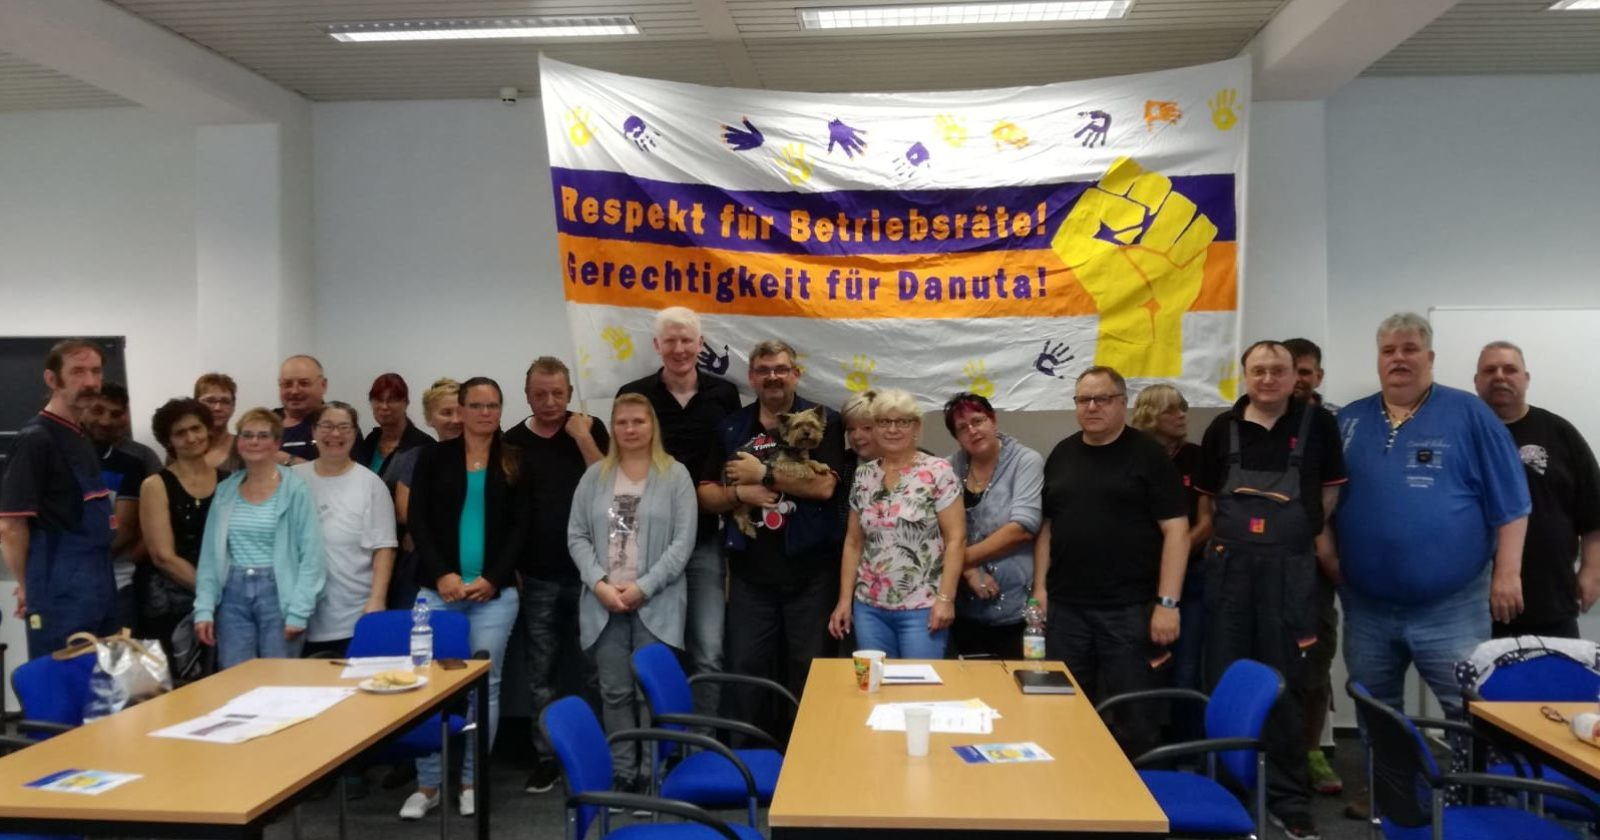 Behinderung der Betriebsratsarbeit bei Piepenbrock - Beschäftigte stellen sich solidarisch hinter ihren Betriebsrat